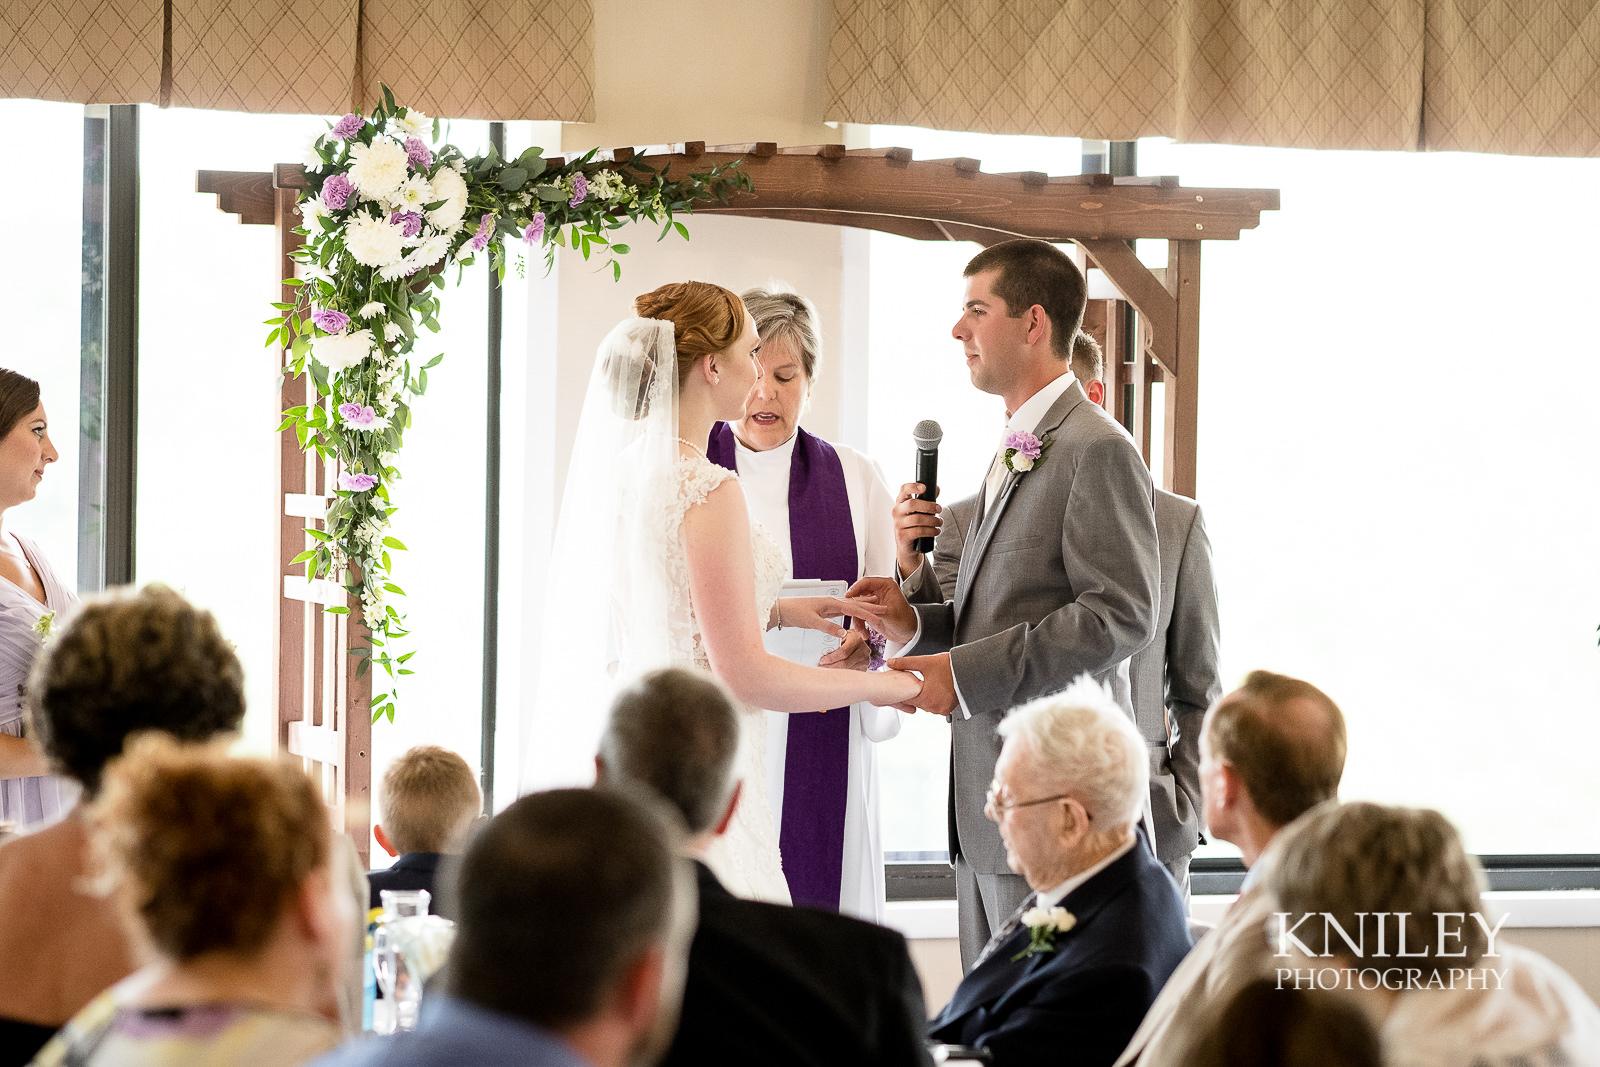 069 - Sodus Bay Heights Golf Club Wedding Pictures -XT2B5482.jpg